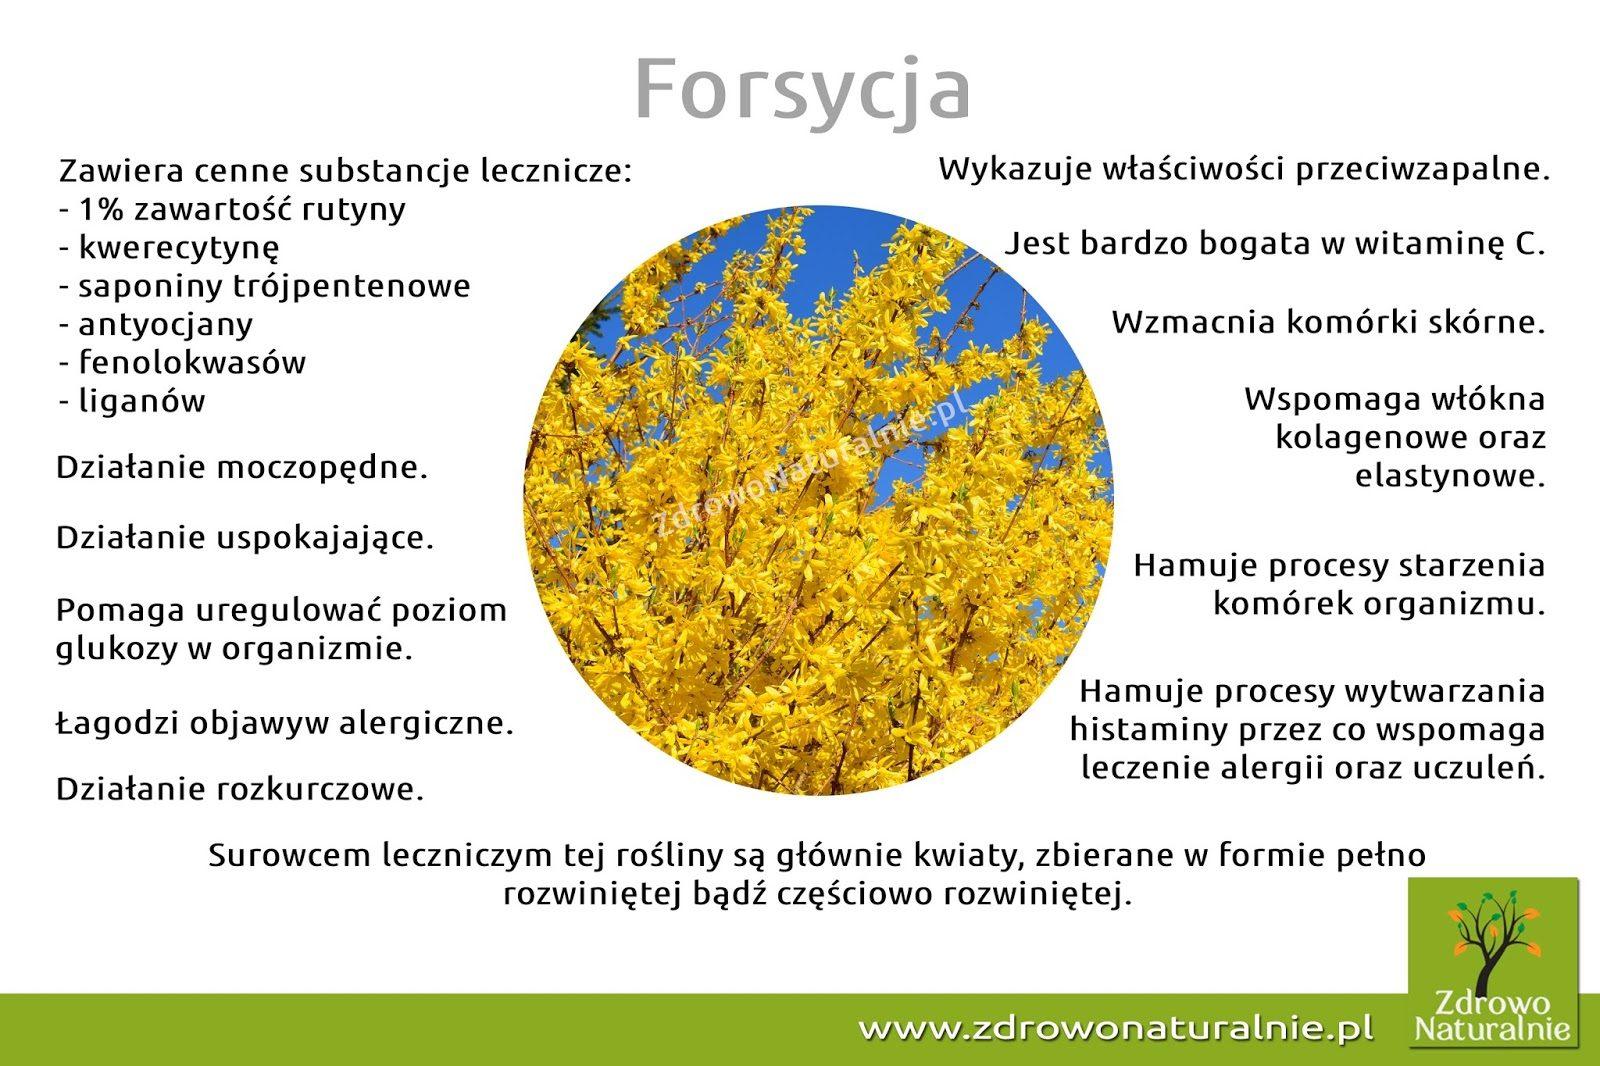 forsycja-1144467